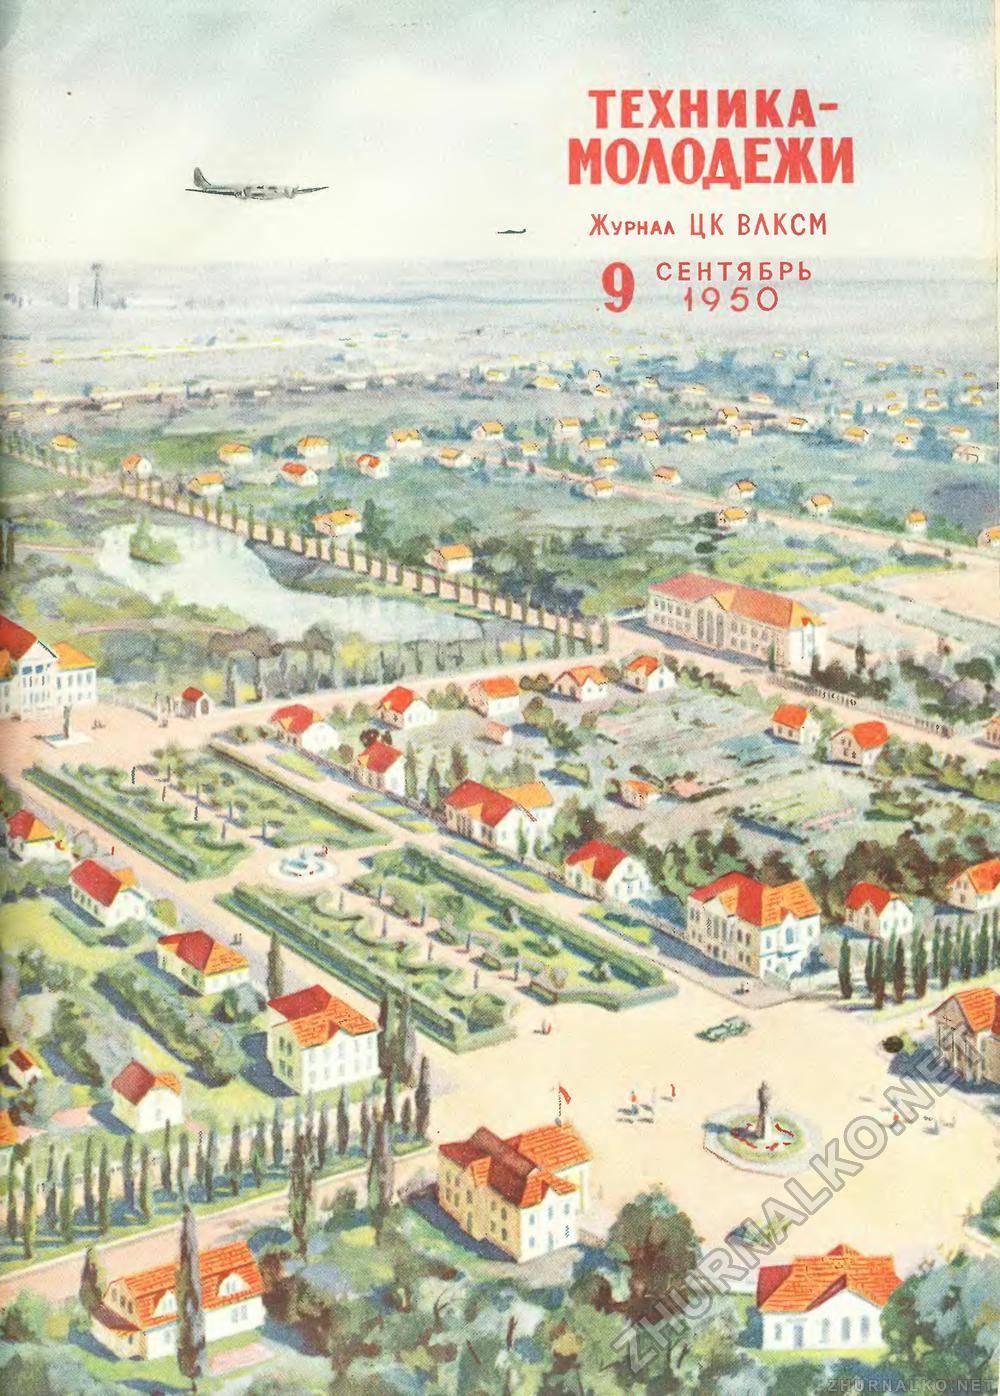 1950 metų Visasąjunginės Komjaunimo organizacijos Centro Komiteto žurnalo